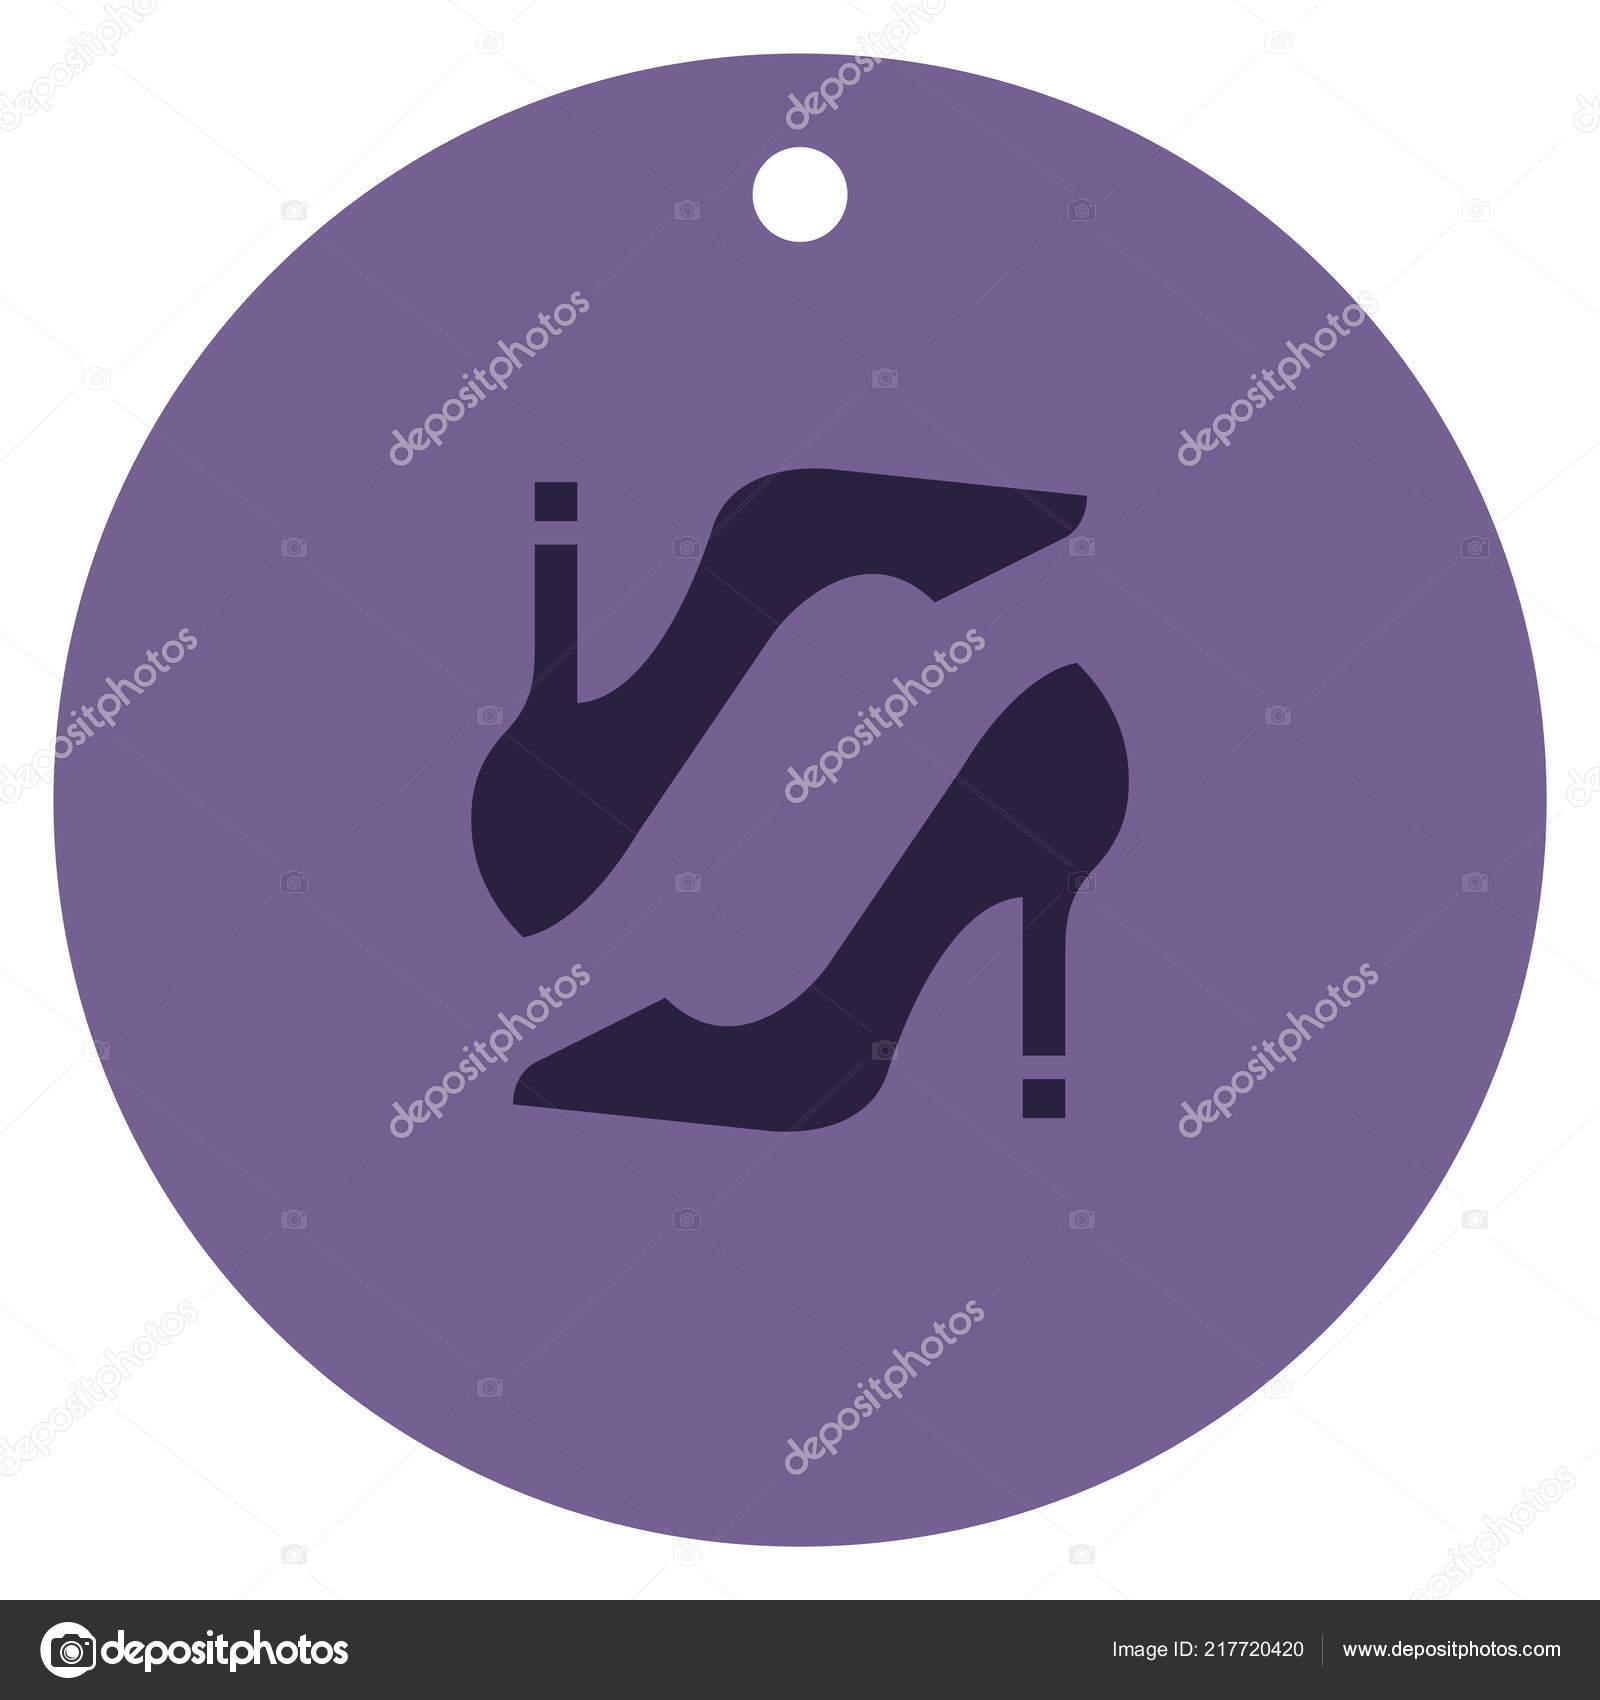 5d193a74e76e36c Женская Чистка значок с модными символом для магазина одежды. Силуэт  женской обуви значок для приложения, Интернет магазин женского бизнеса,  магазина знак и ...